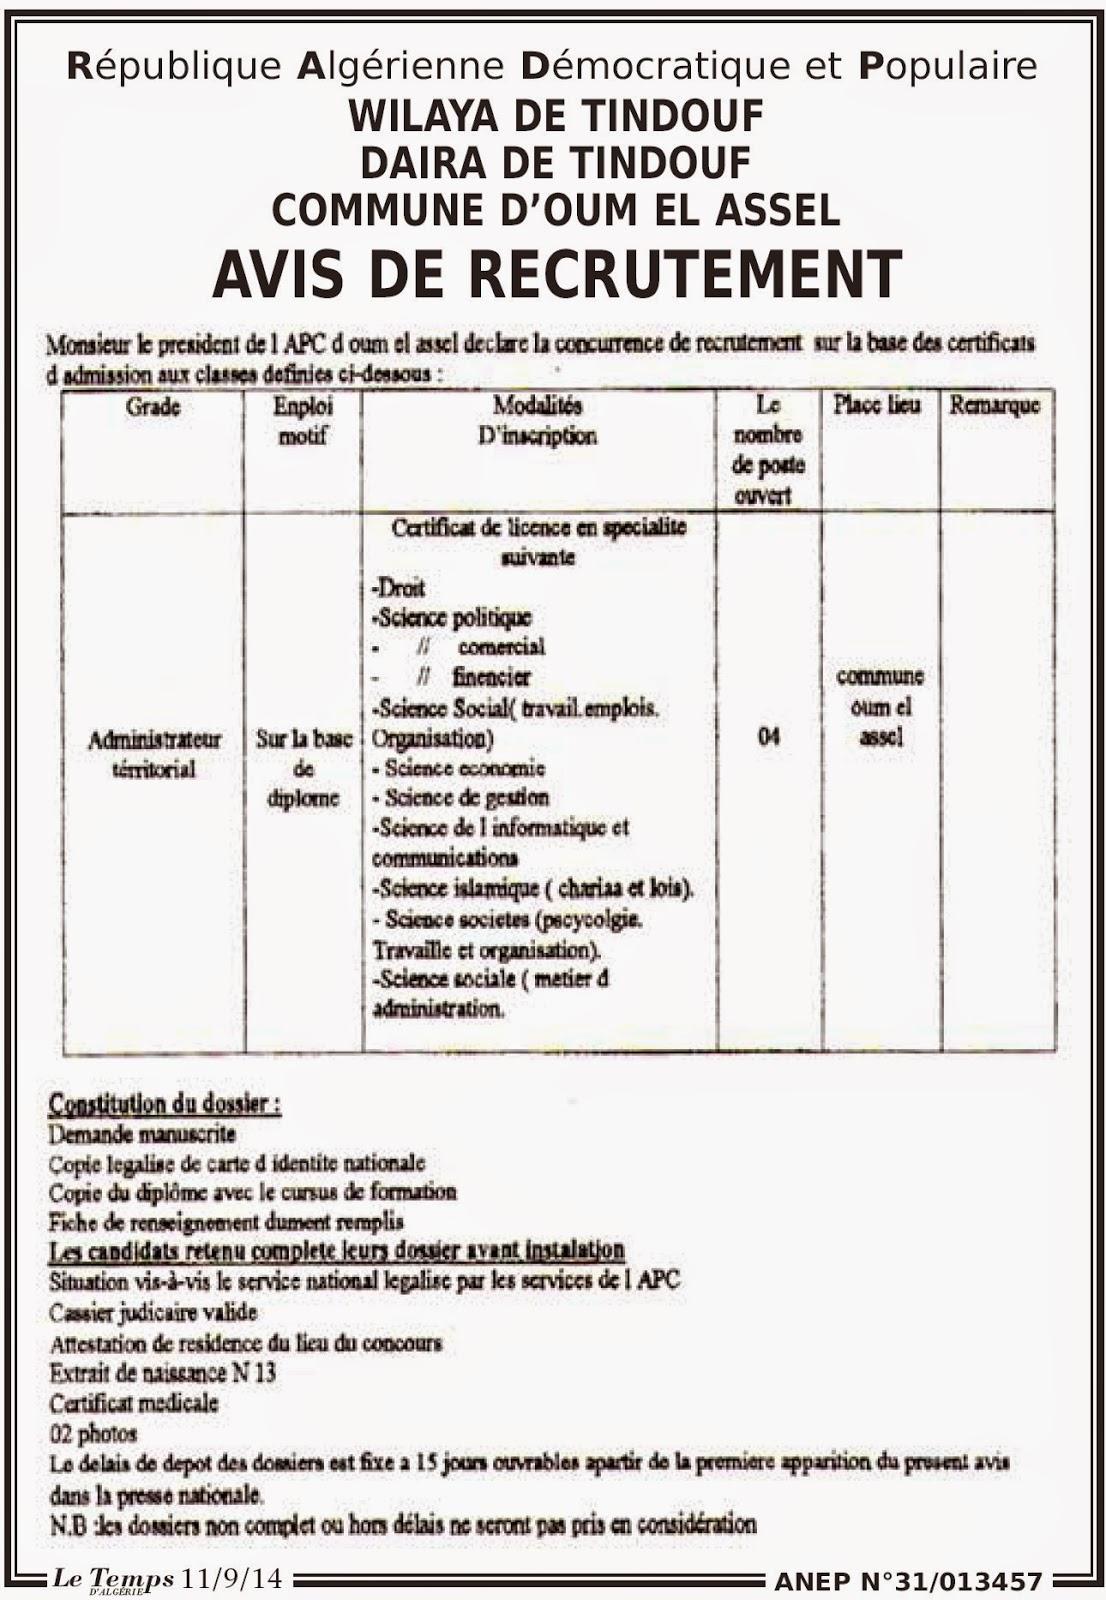 مسابقة توظيف في بلدية أم العسل ولاية تندوف سبتمبر 2014